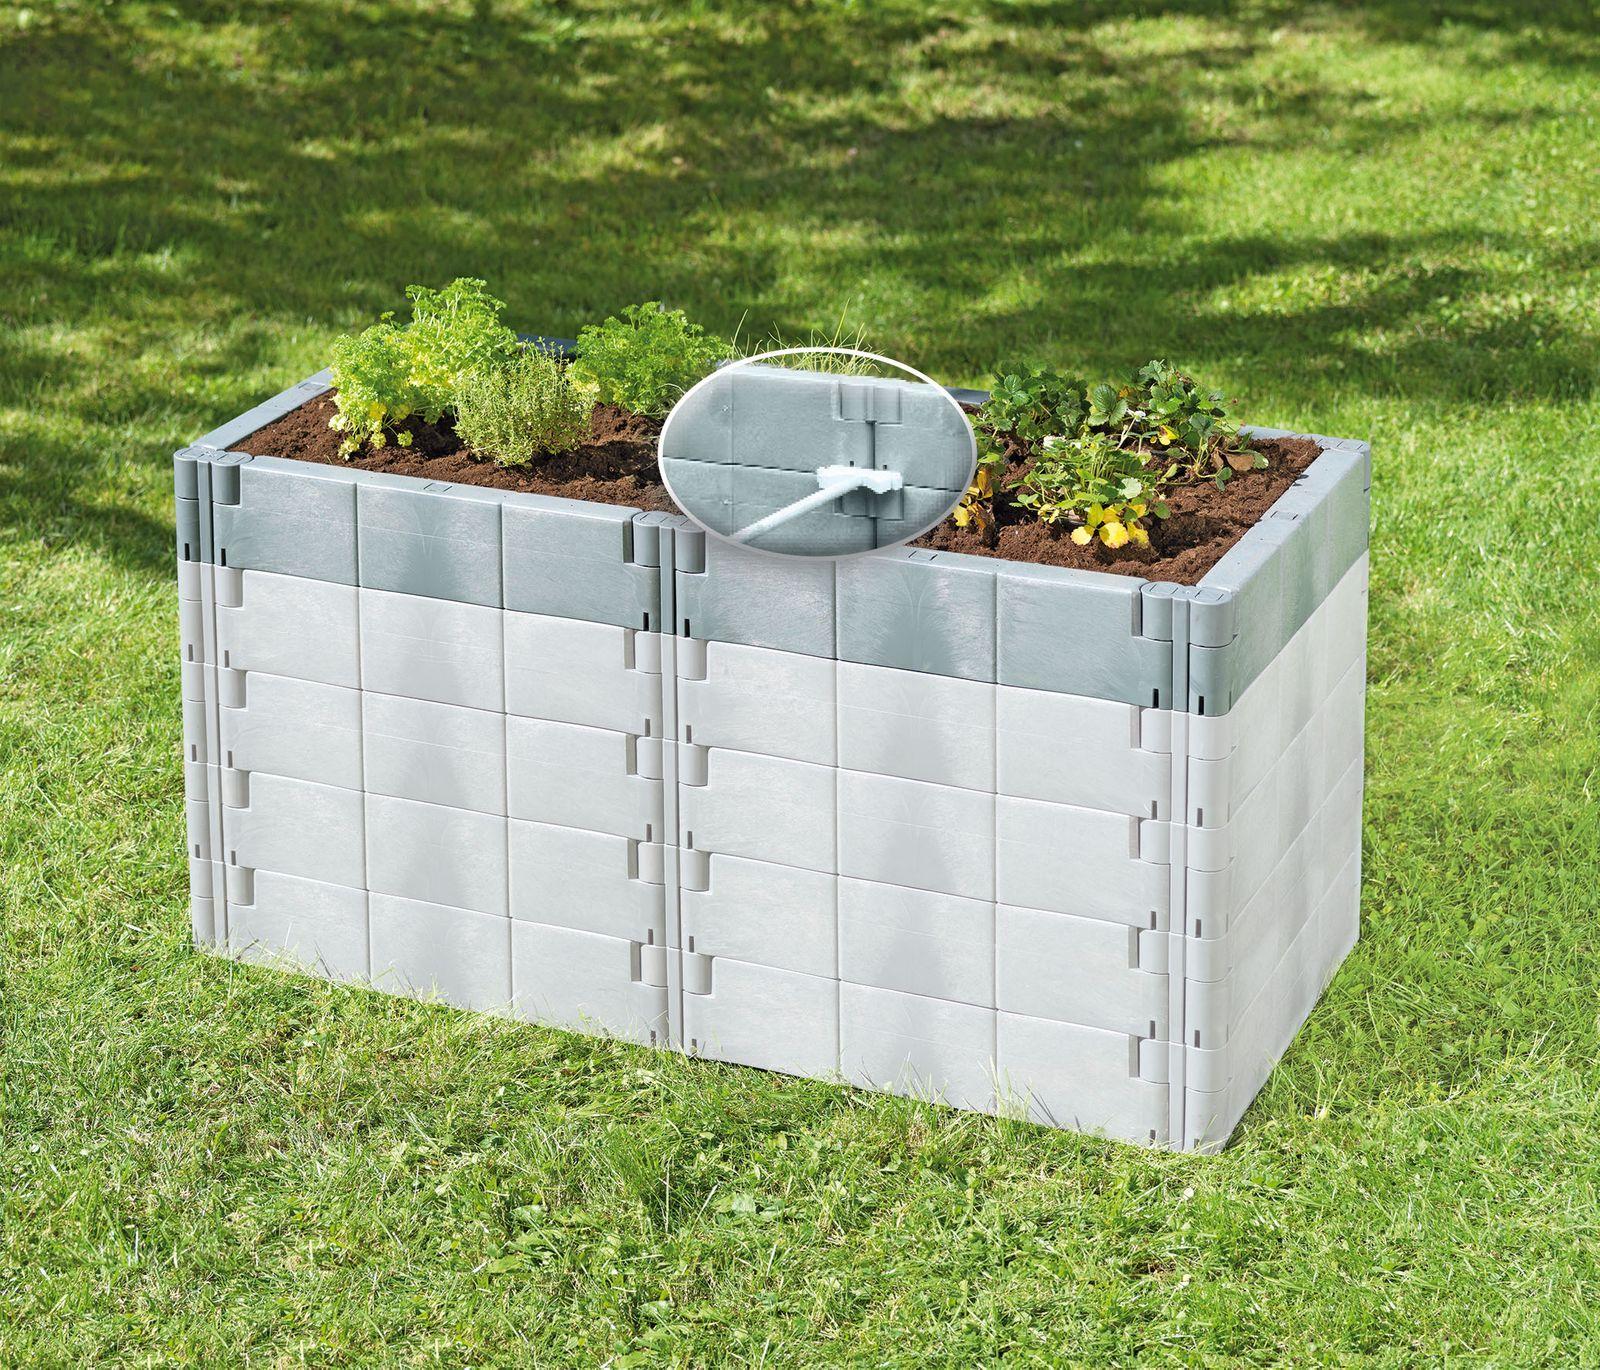 Juwel Hochbeet Profiline Aufbausatz für Basis-Set Terracotta oder Basaltgrau 20596